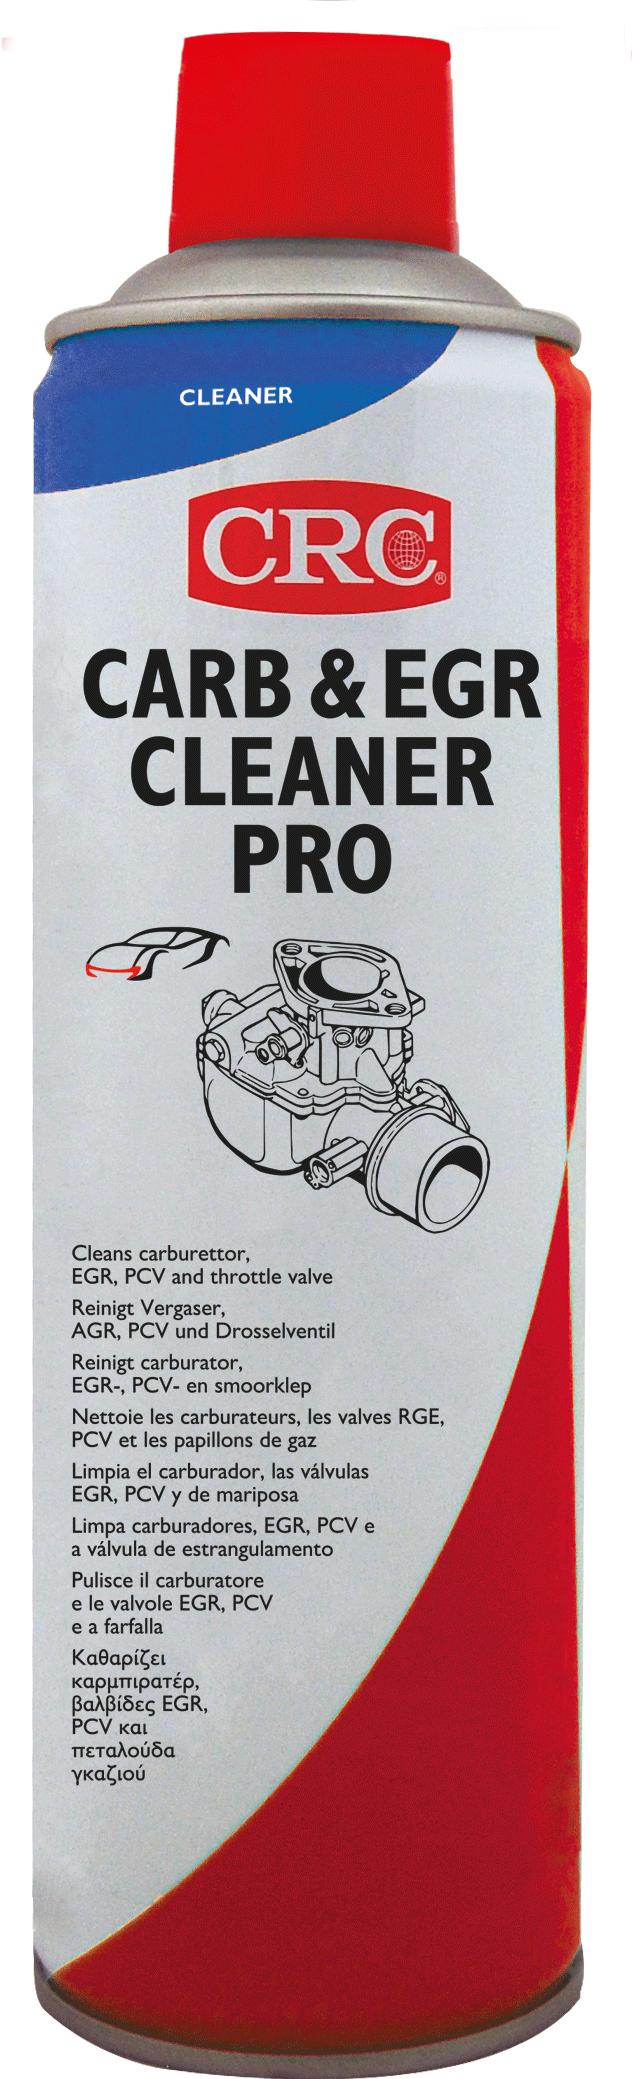 Afbeelding van crc industry carburettor egr cleaner pro 500 ml, spuitbus